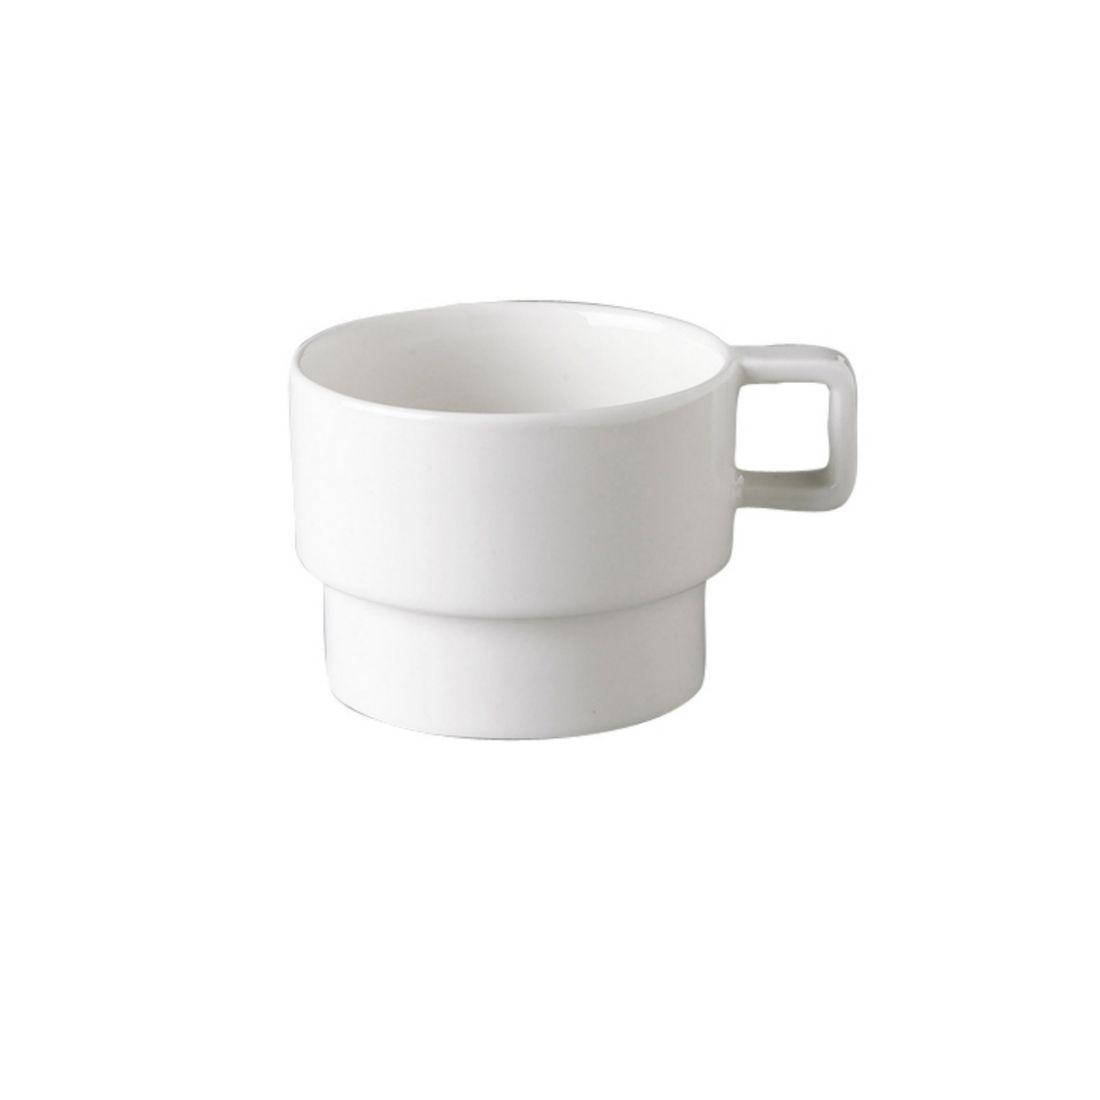 Šálek na čaj Nordic 230 ml